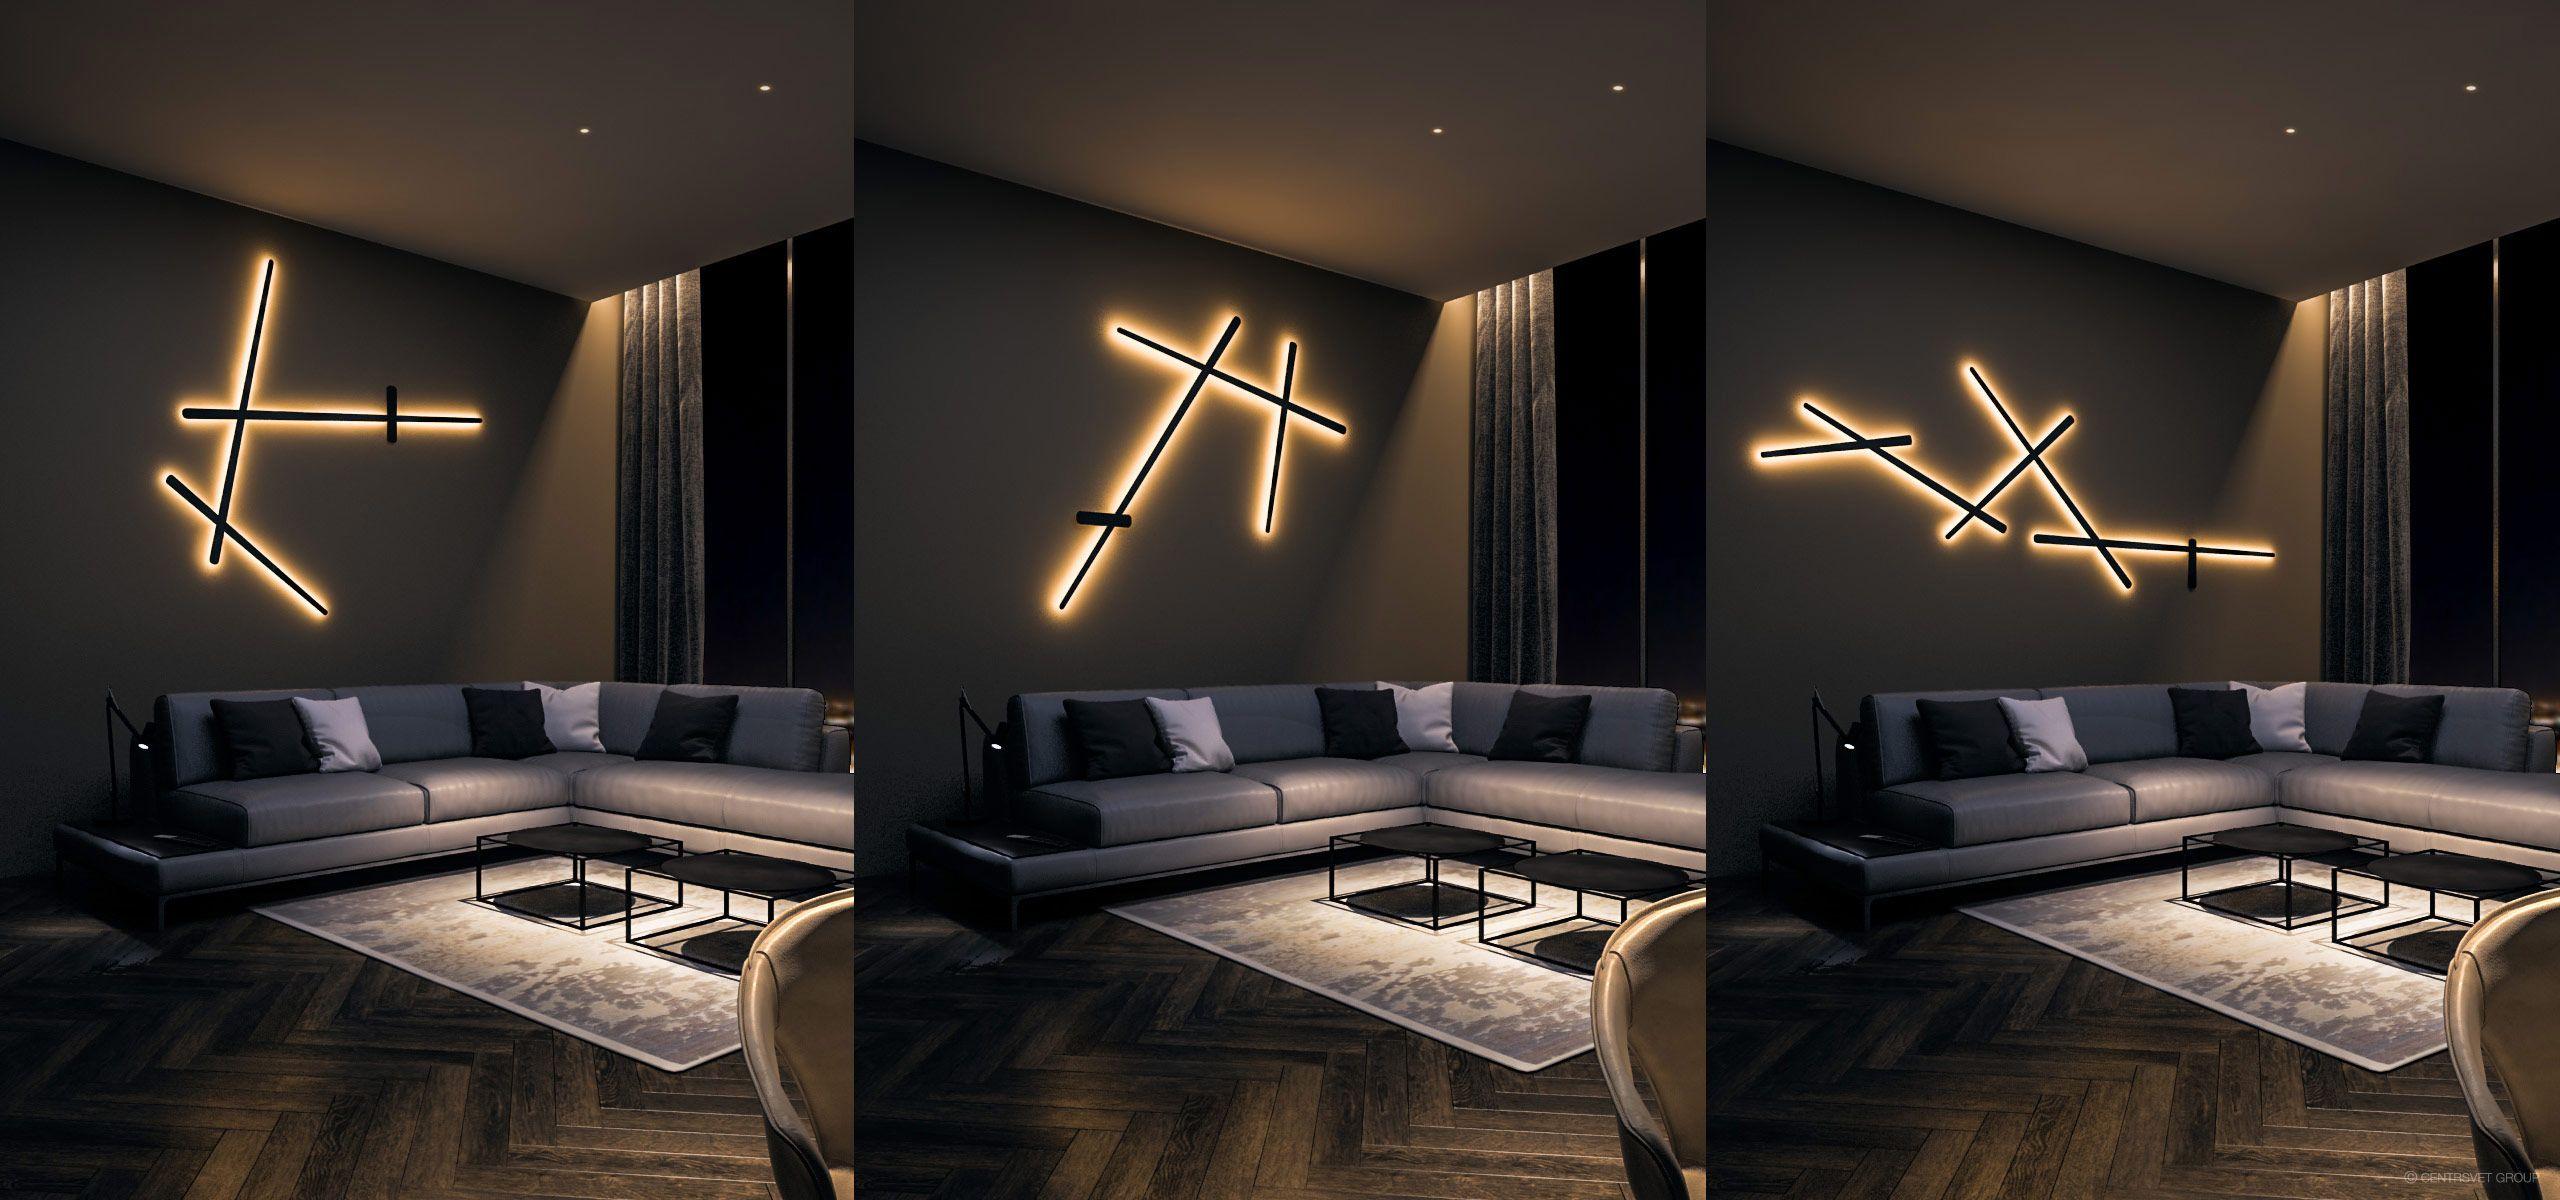 Оригинальное освещение в помещении